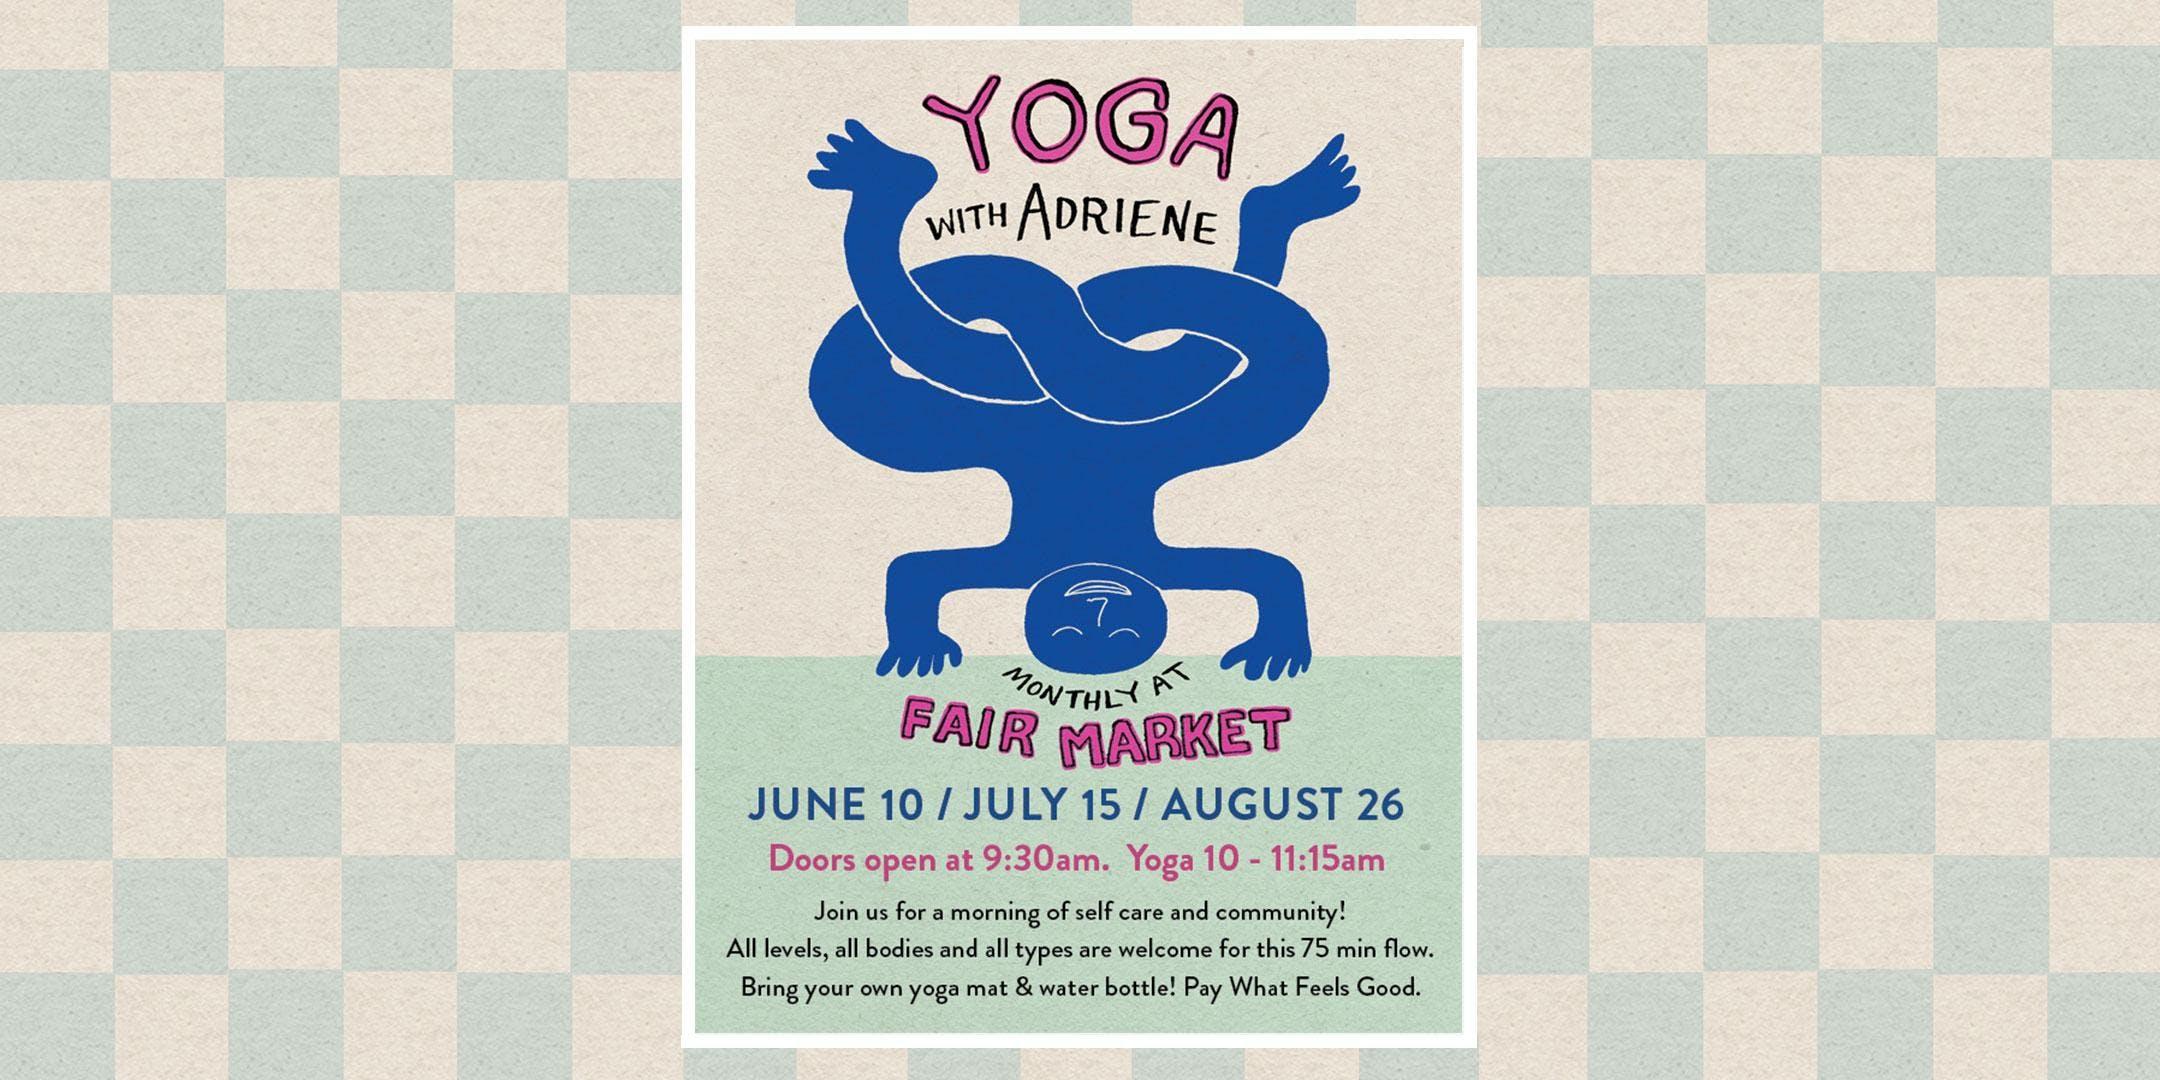 Yoga with Adriene at Fair Market, Austin TX - Aug 26, 2018 - 10:30 AM